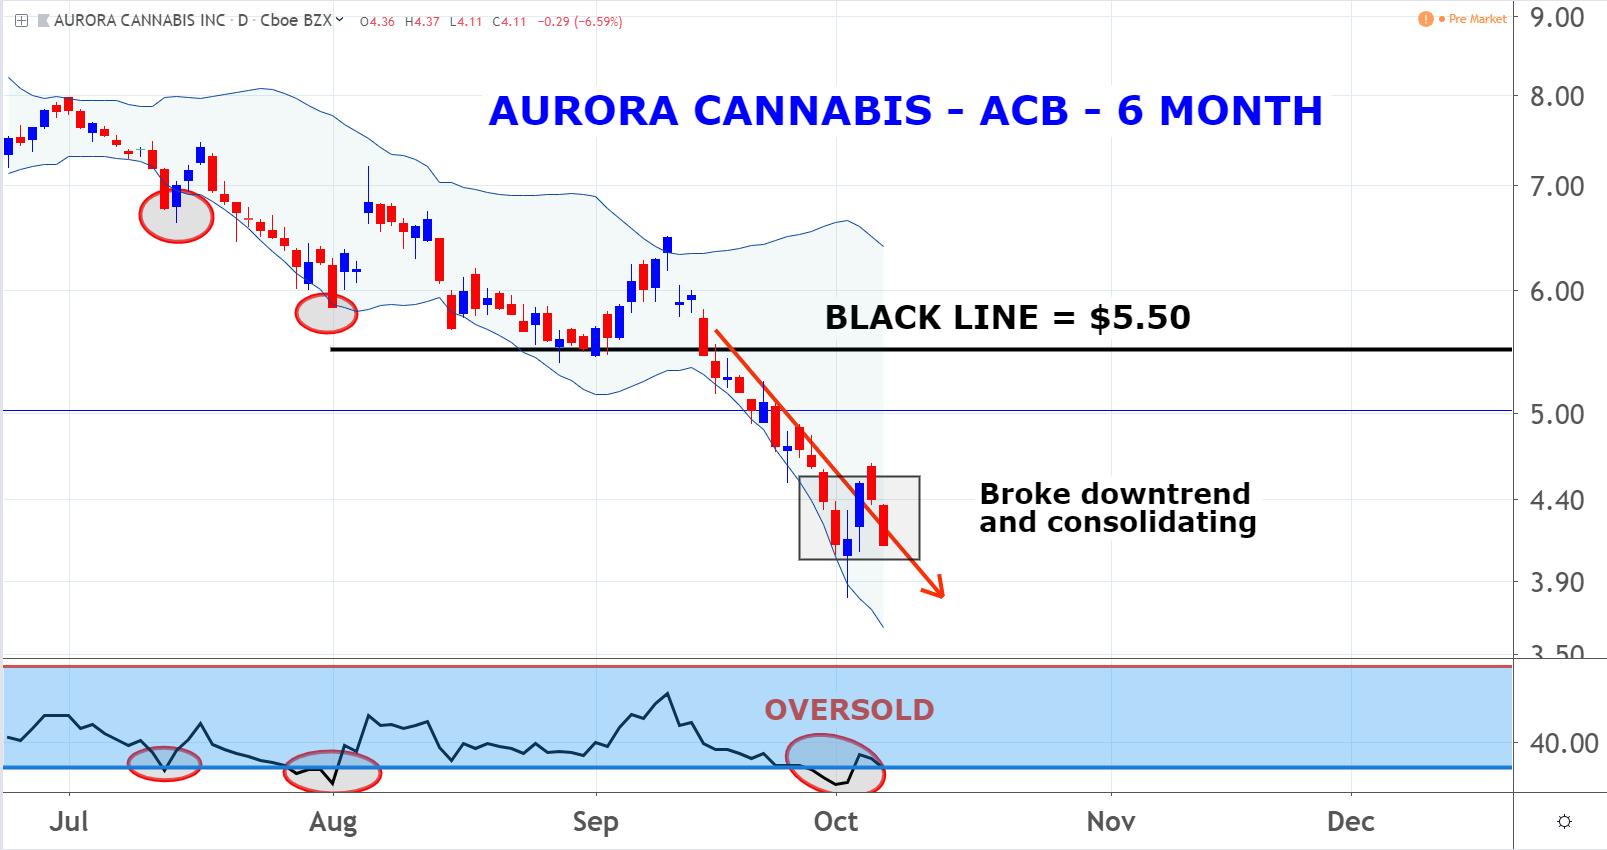 Aurora Cannabis (ACB)